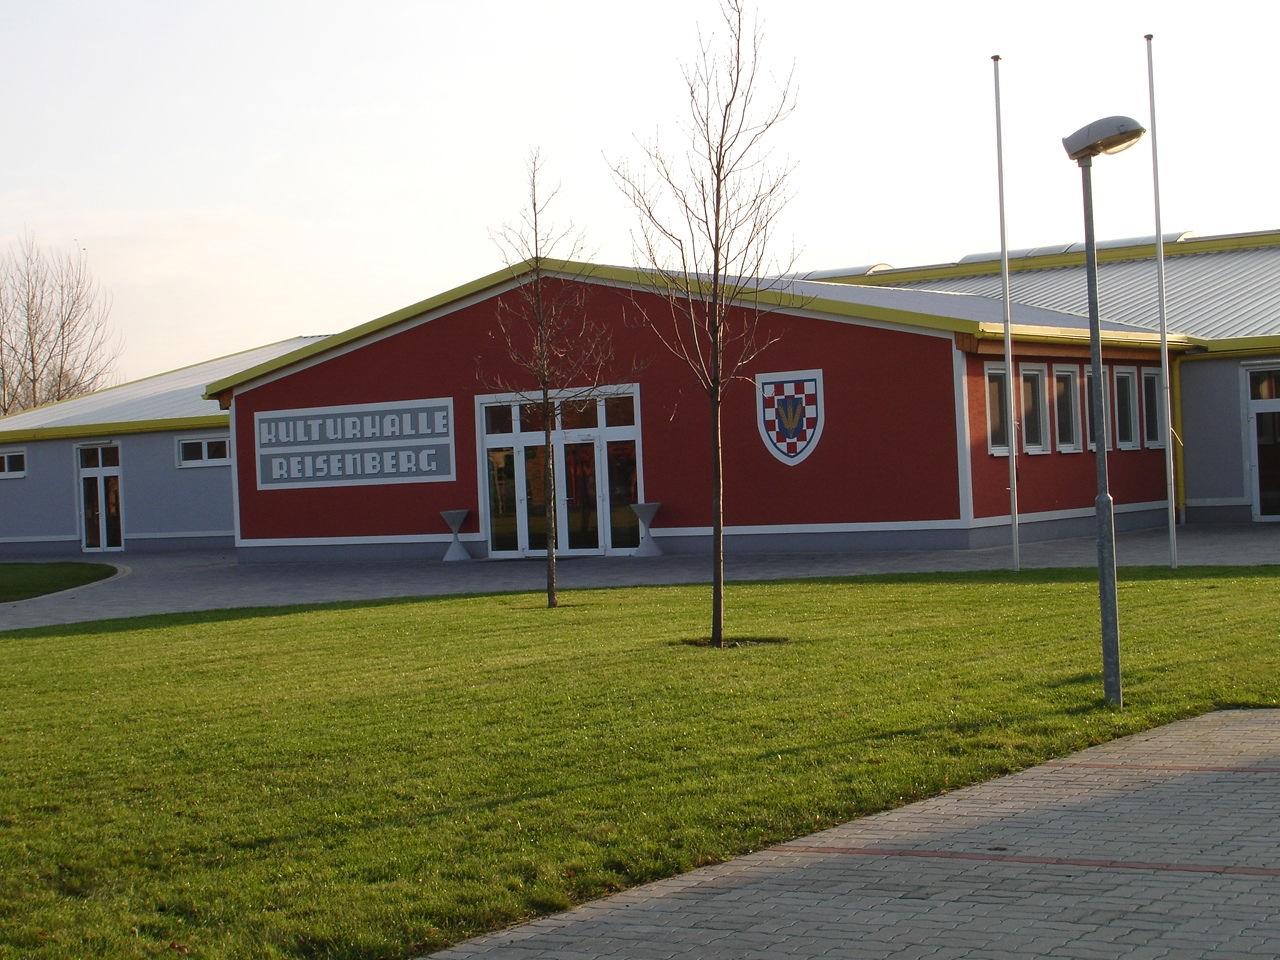 KulturhalleReisenberg